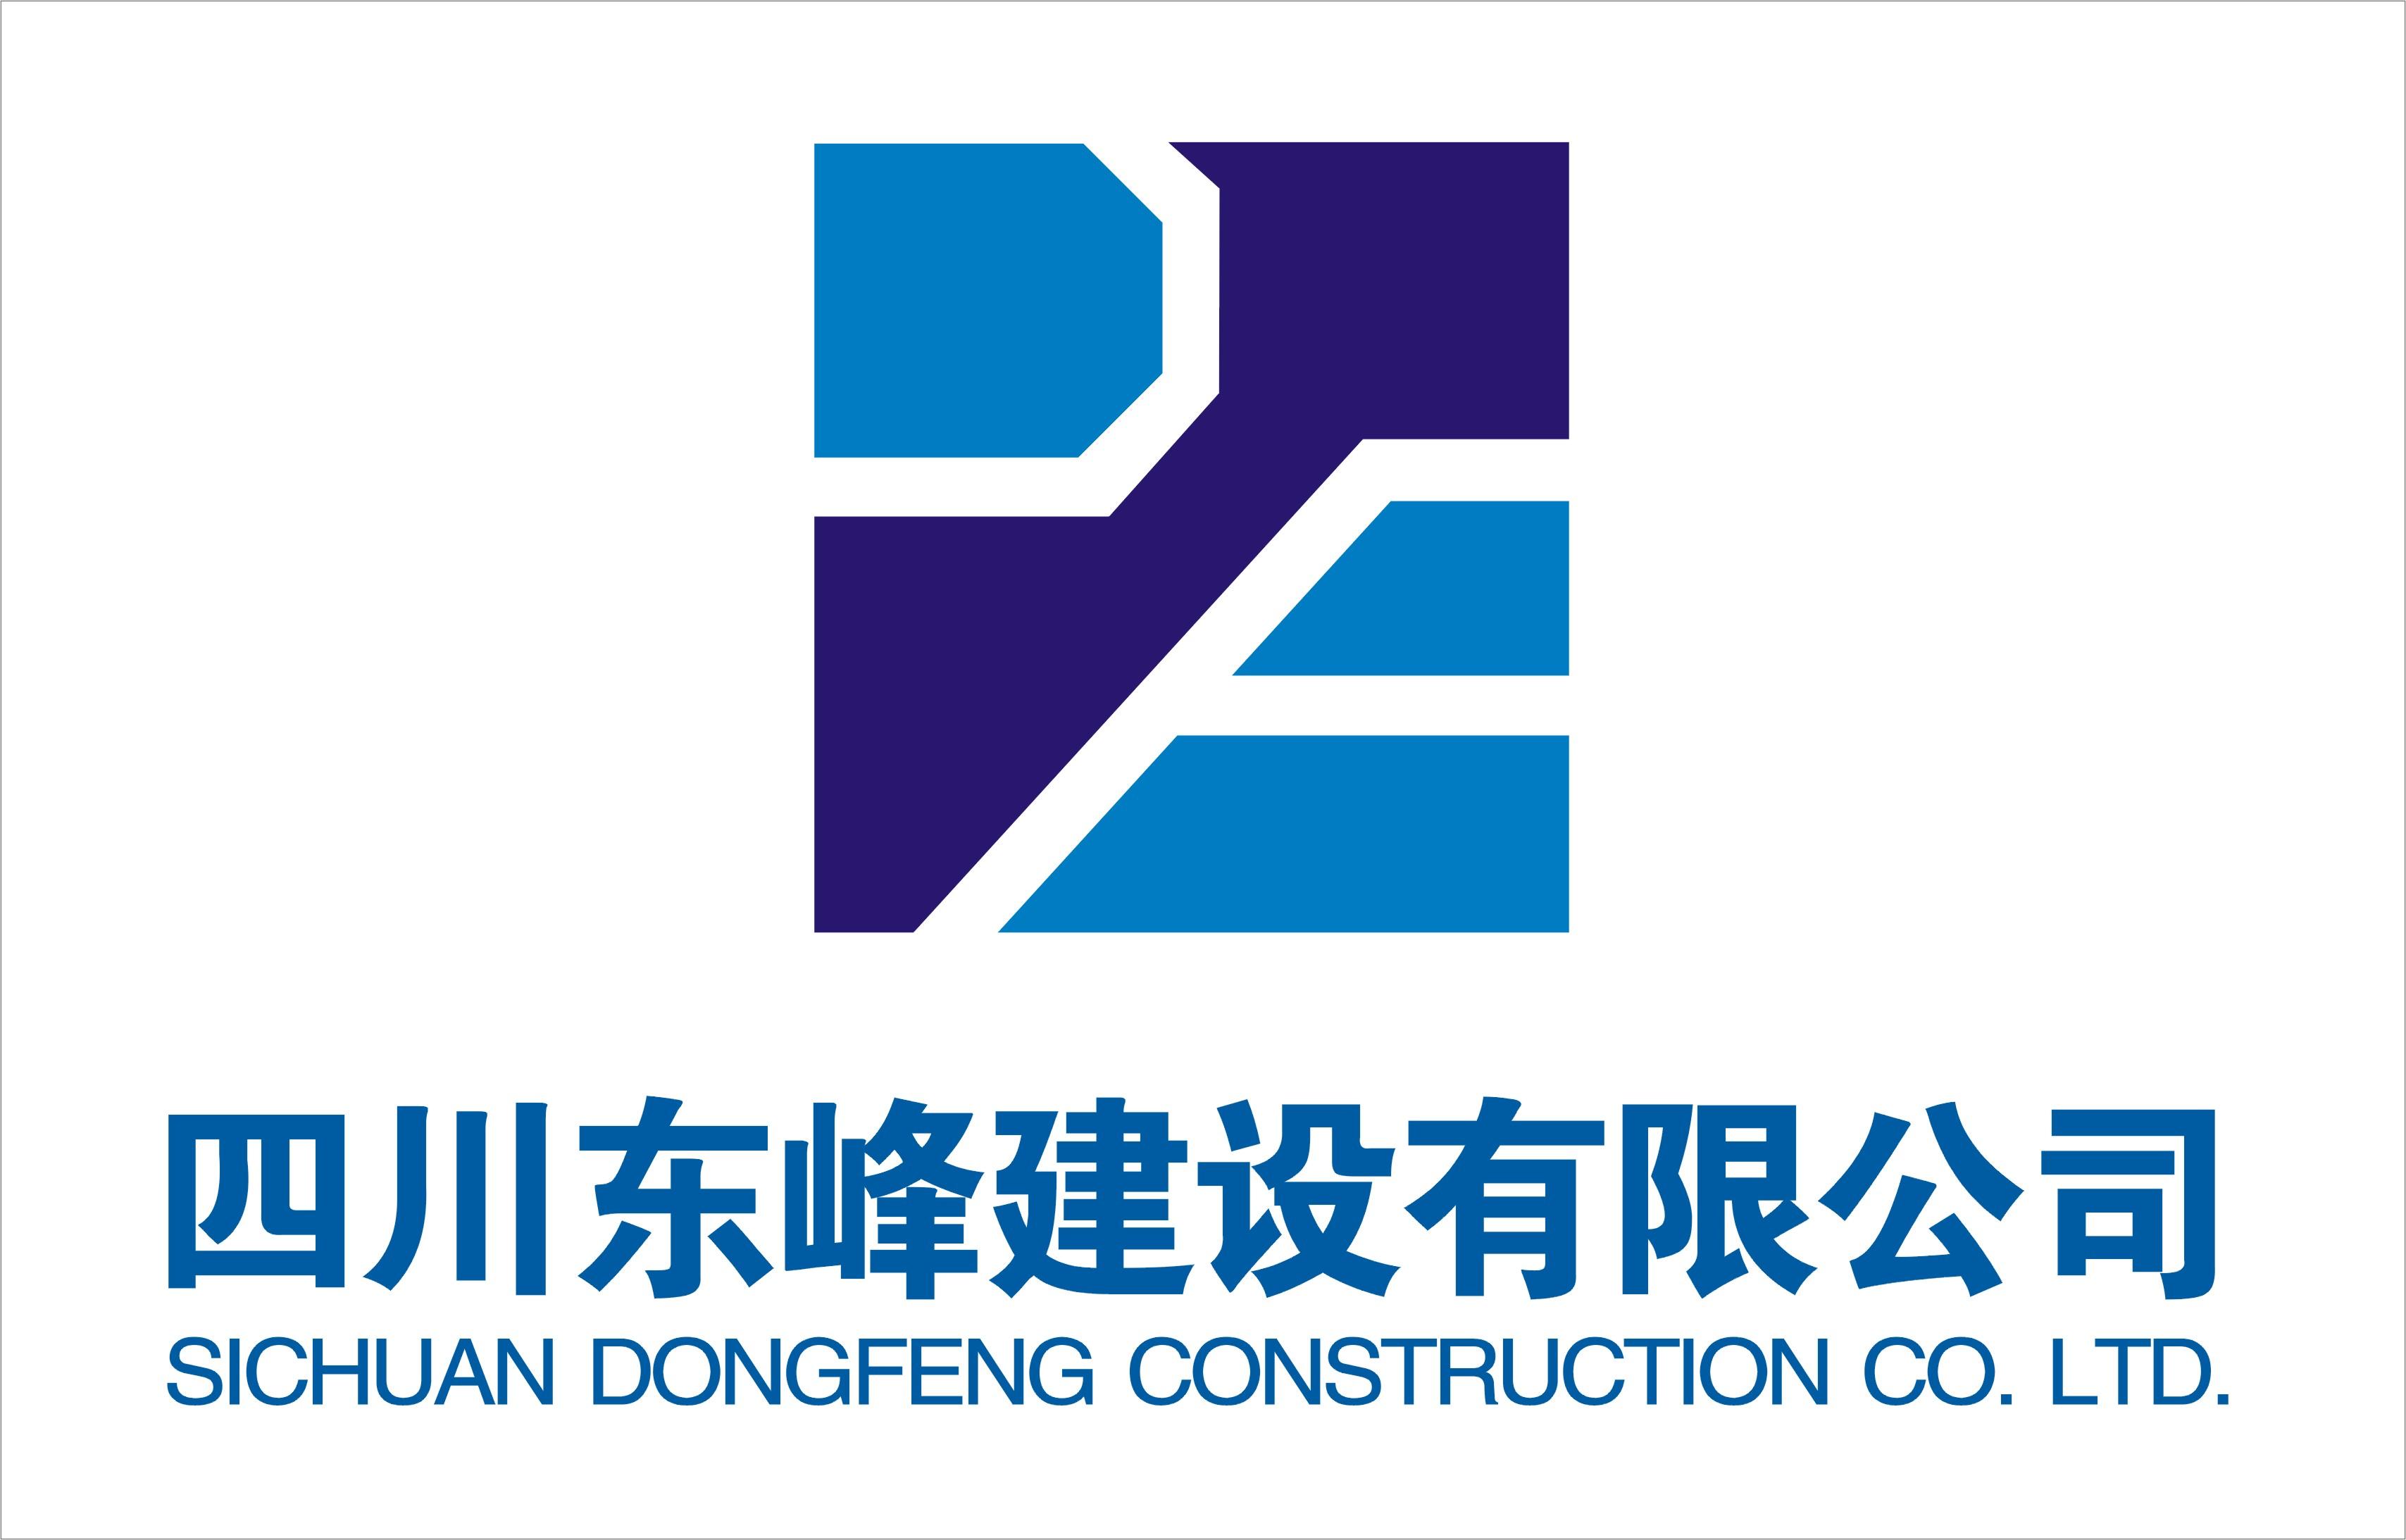 四川东峰建设有限公司